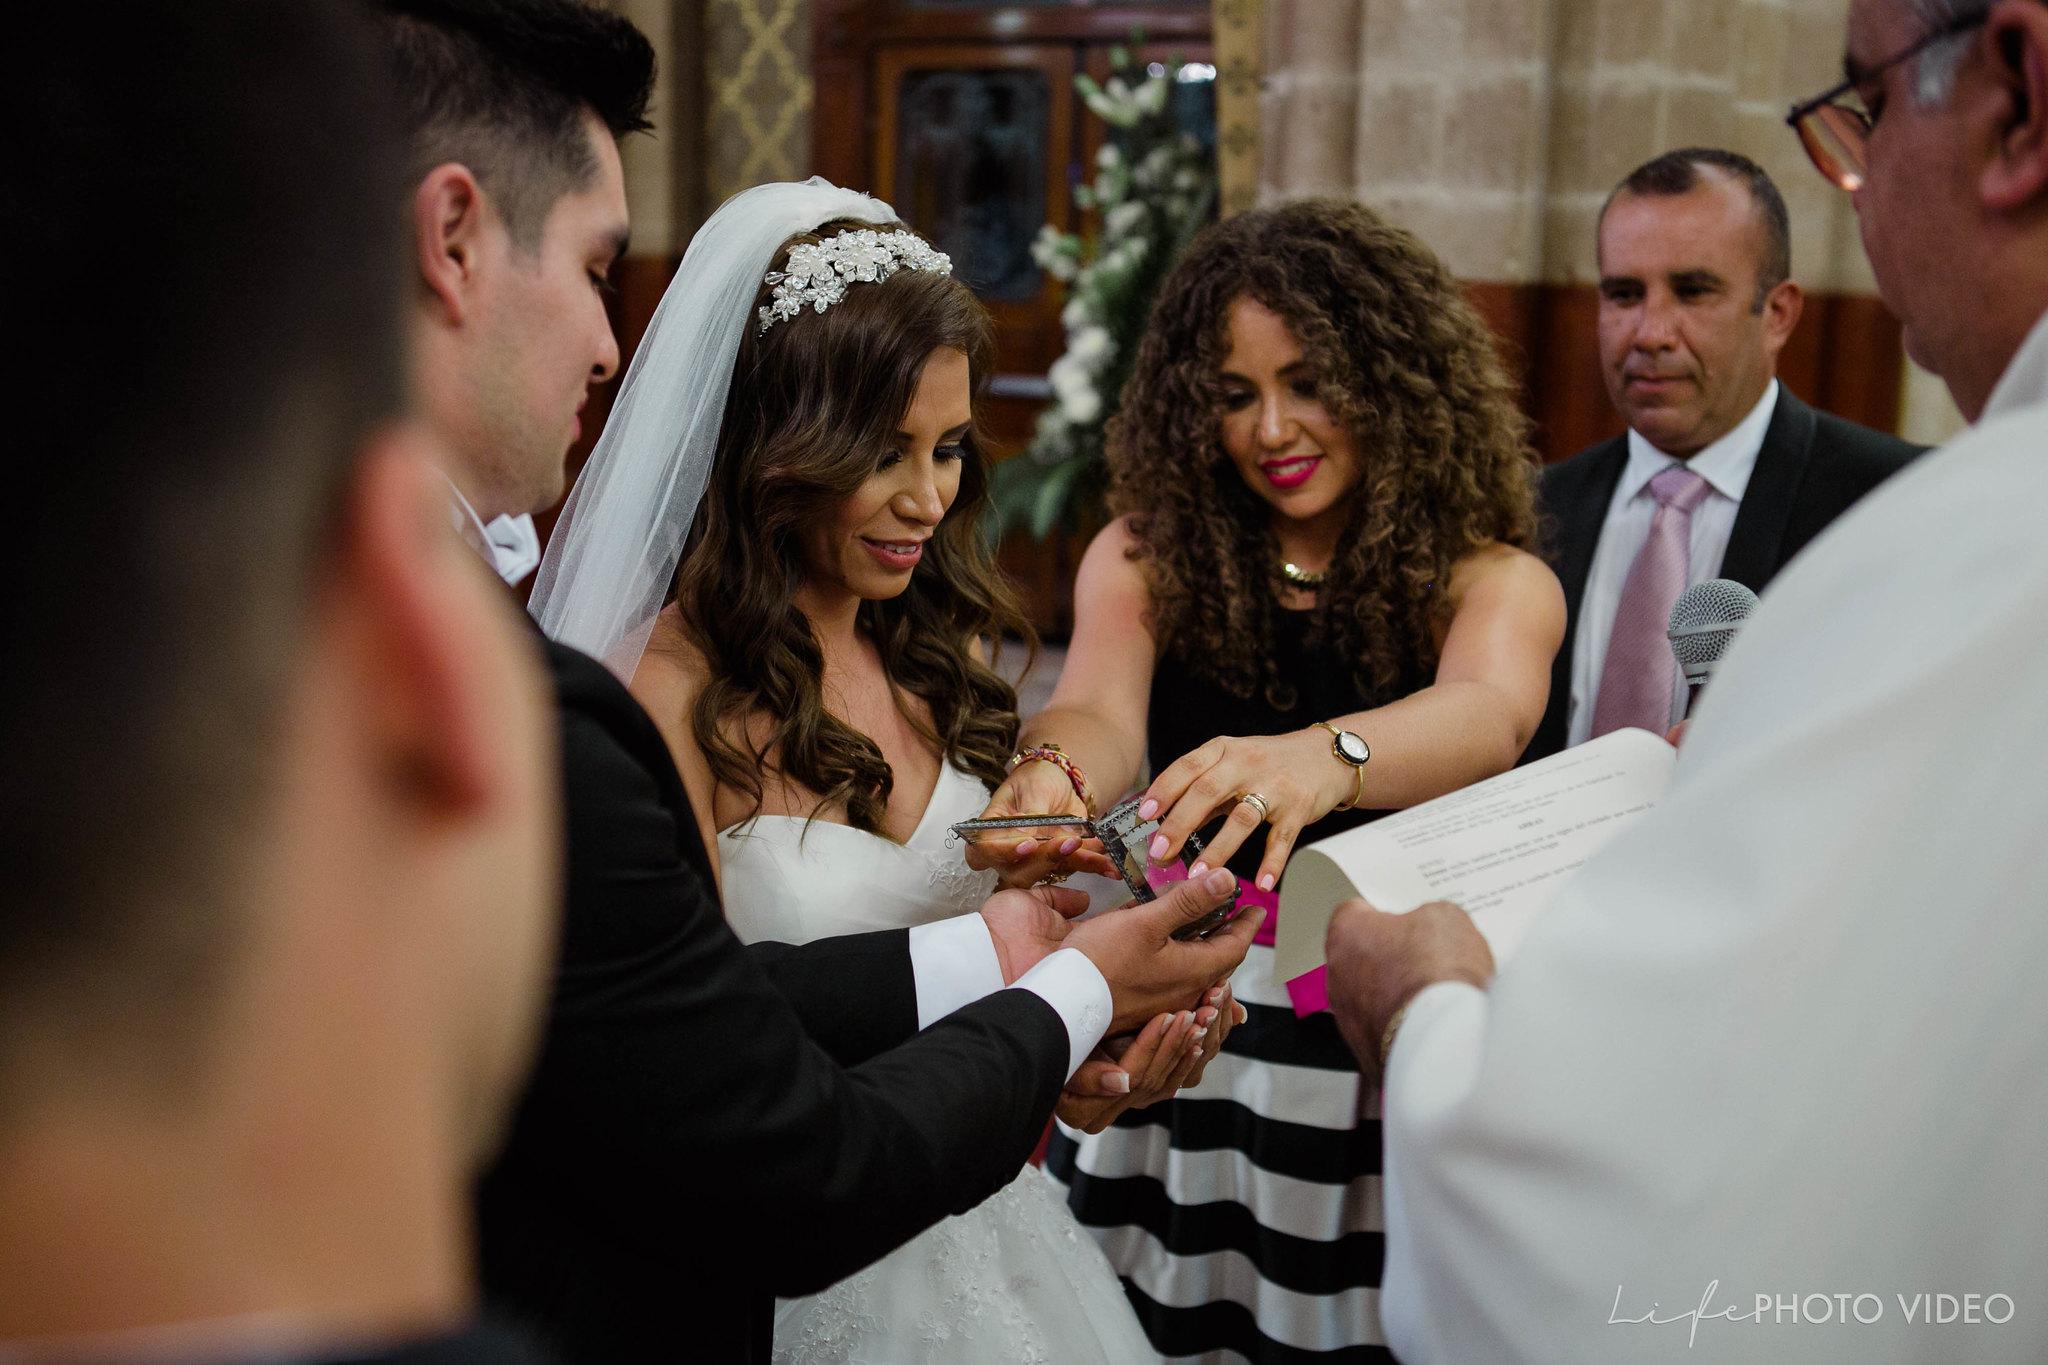 Boda_LeonGto_Wedding_LifePhotoVideo_0041.jpg